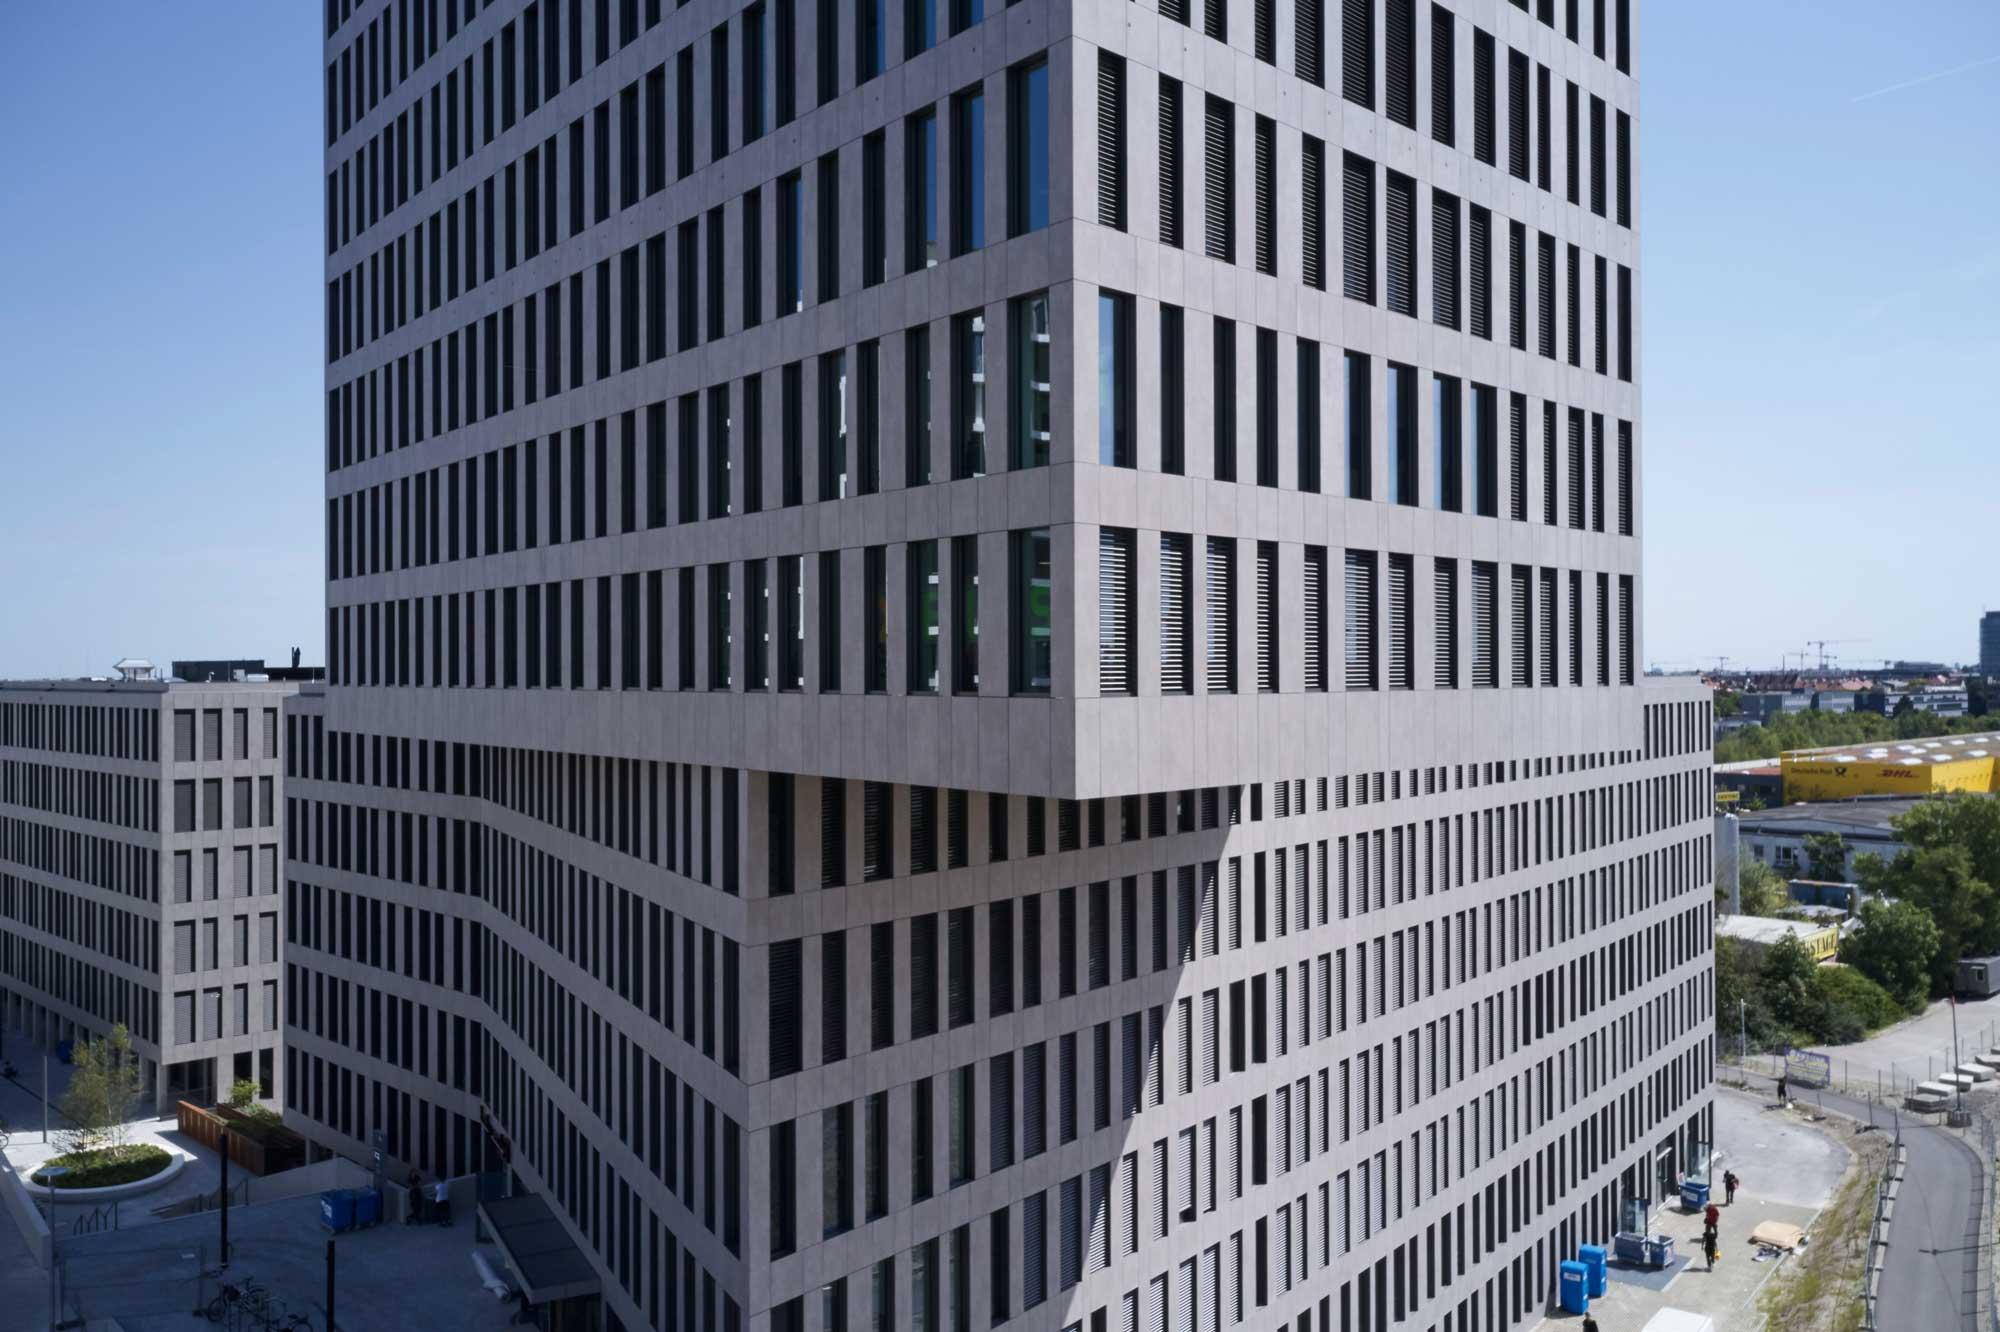 Interview mit Architekt Walter Schelle – DKTN- Ästhetisch und funktional  - 20200710 Kap West  Munchen 0969 42